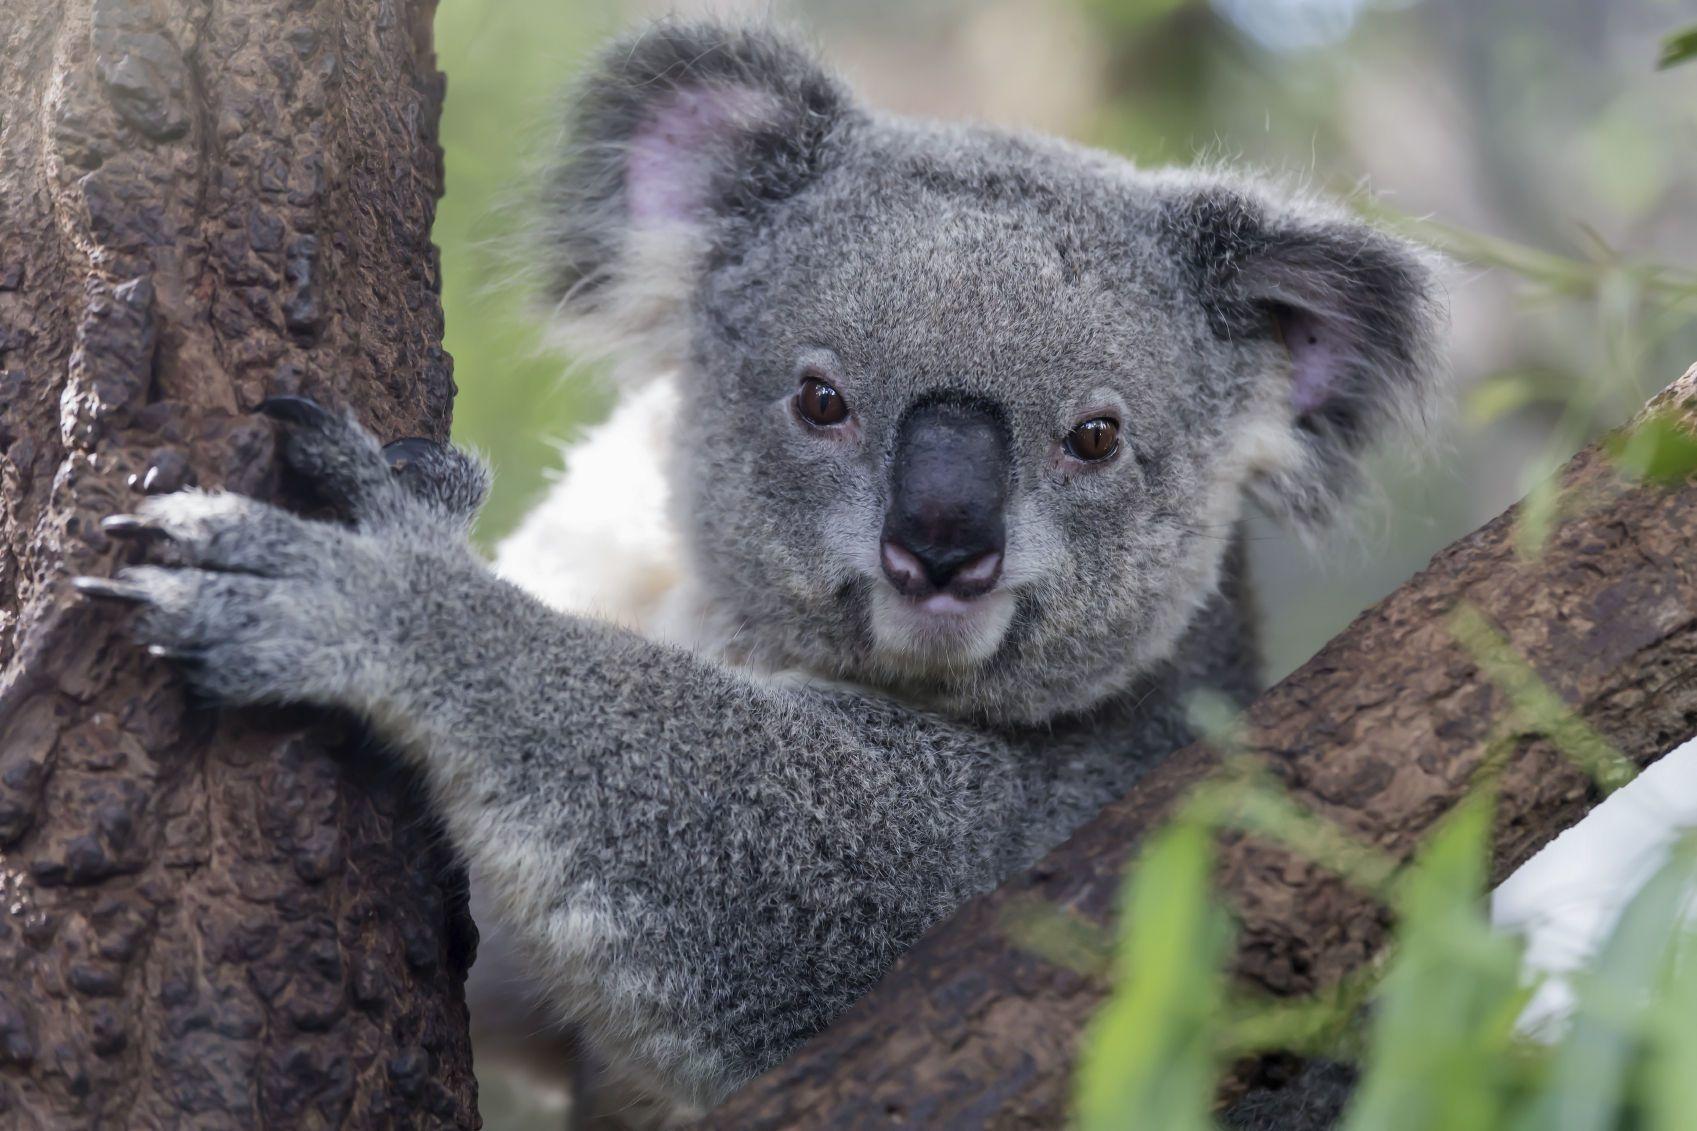 Koala, iStockphoto